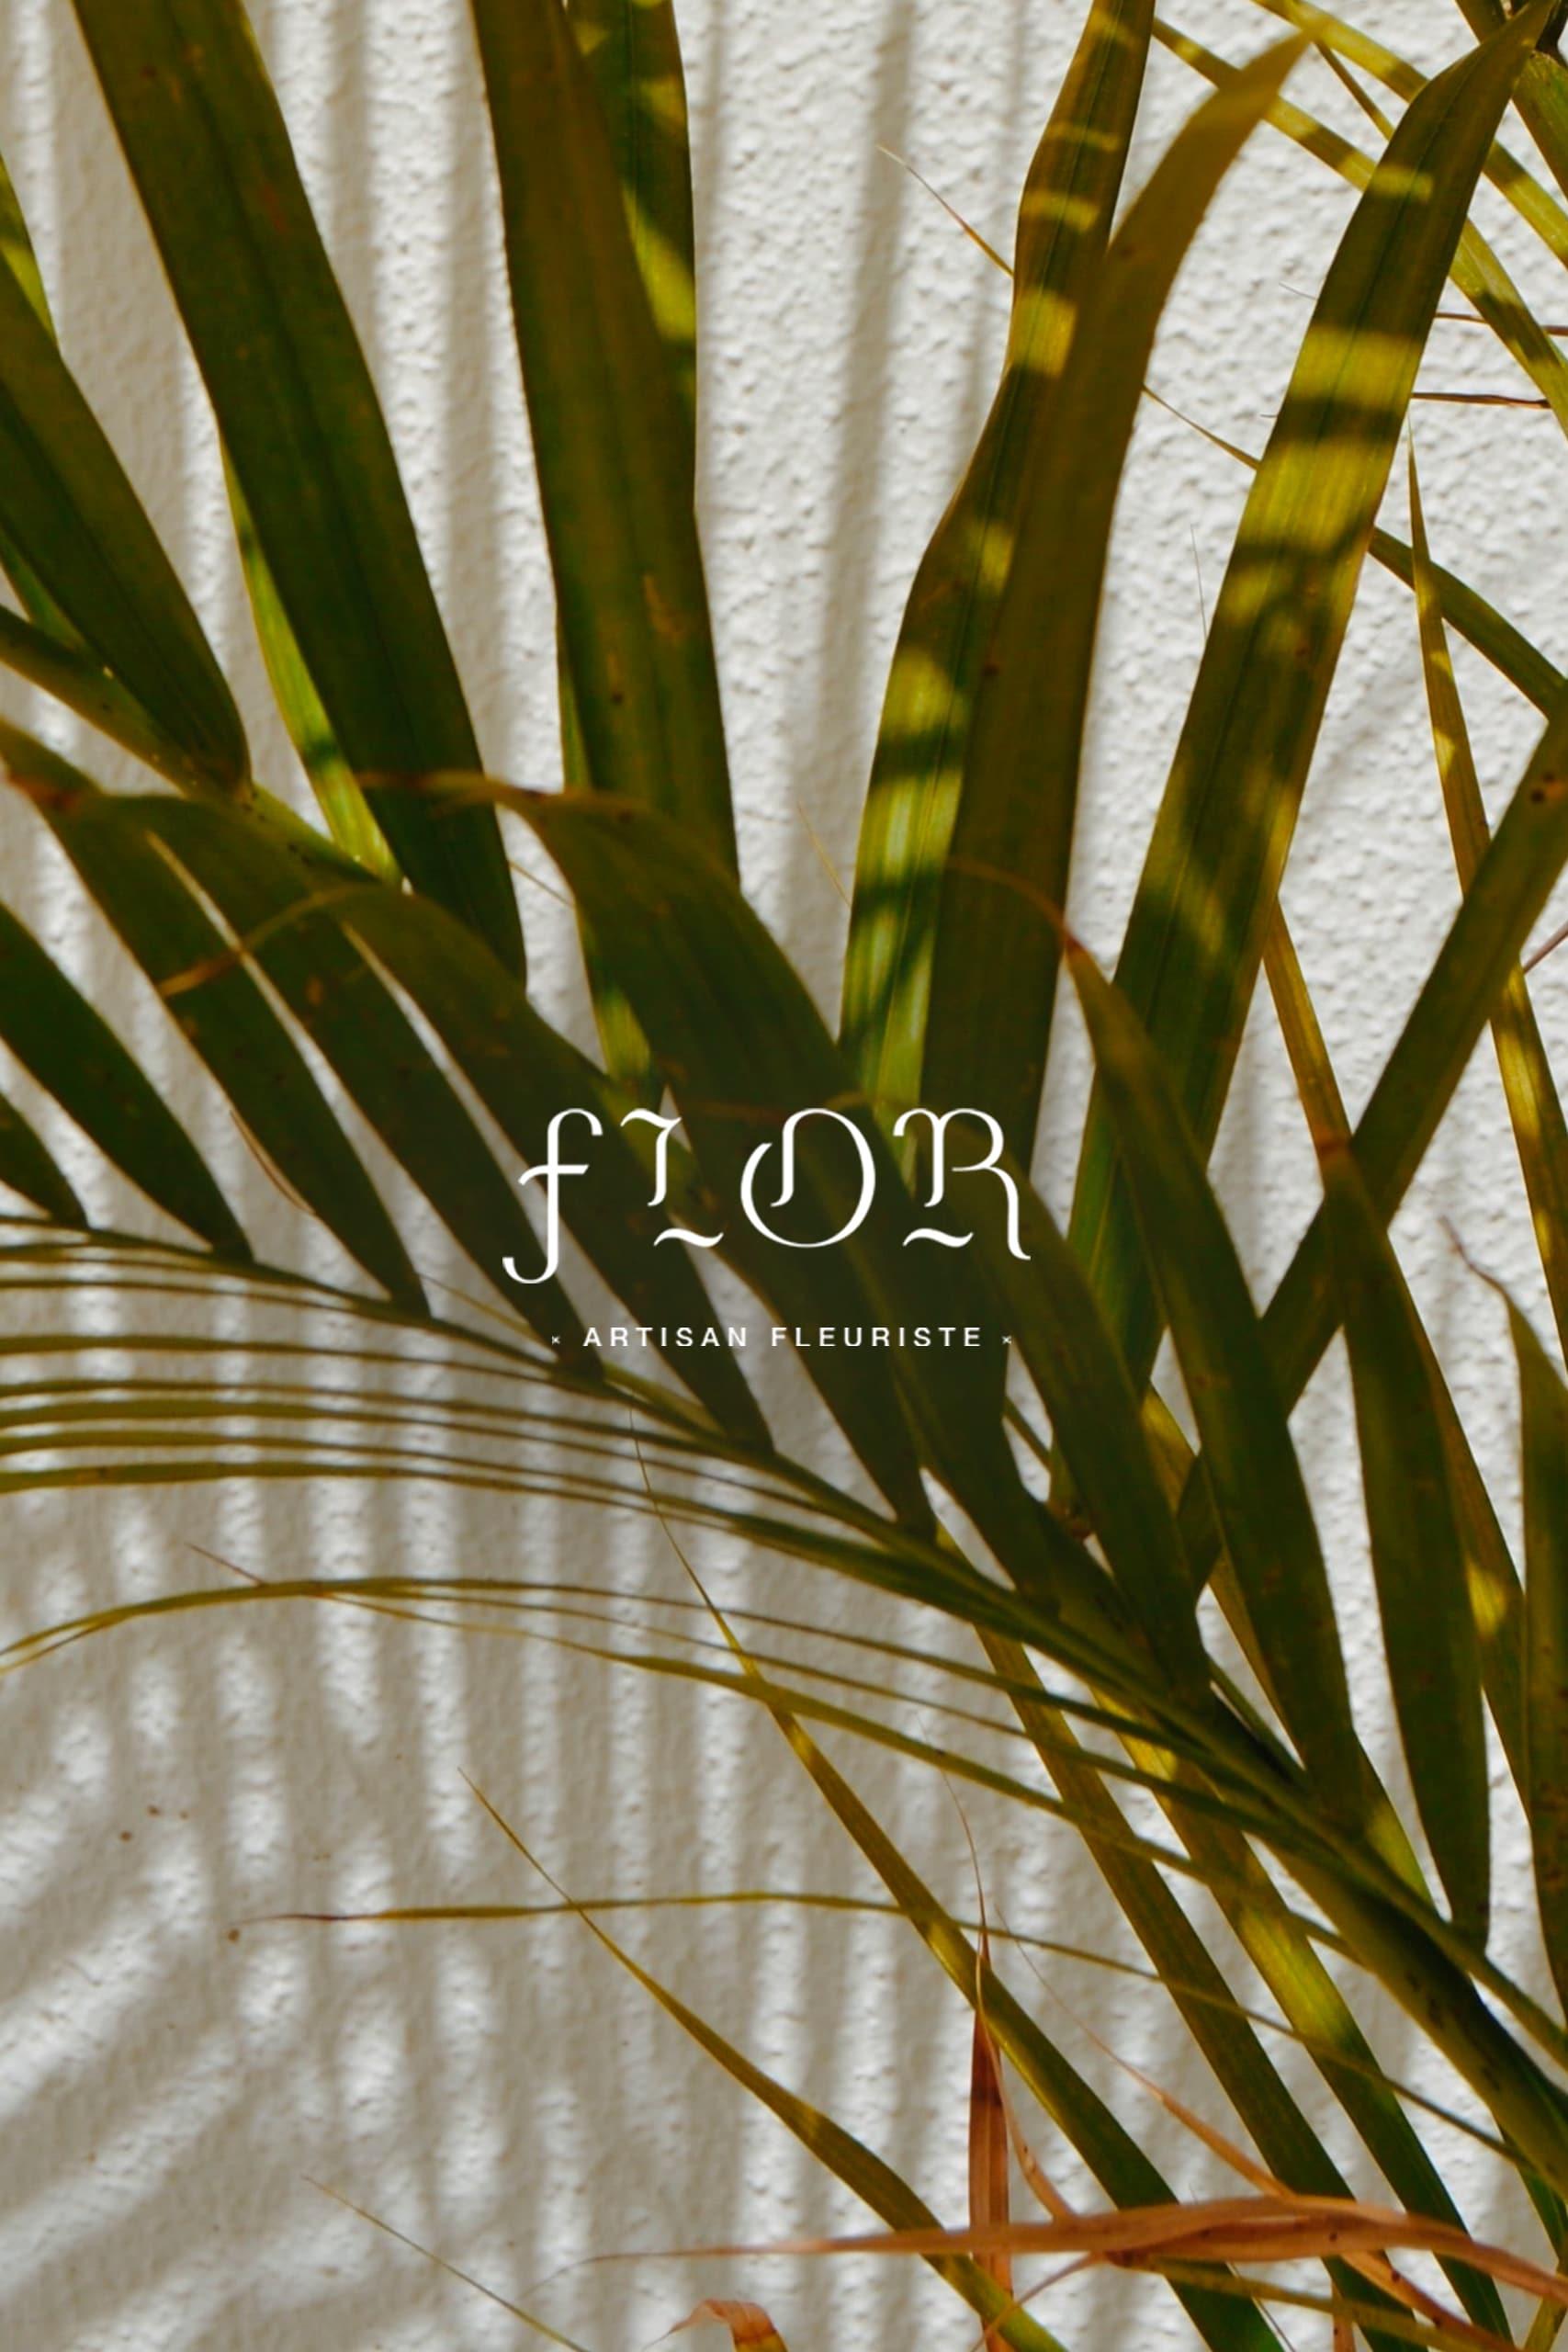 Logo blanc du fleuriste Flor en arrière plan on retrouve une photo de feuille de palmier